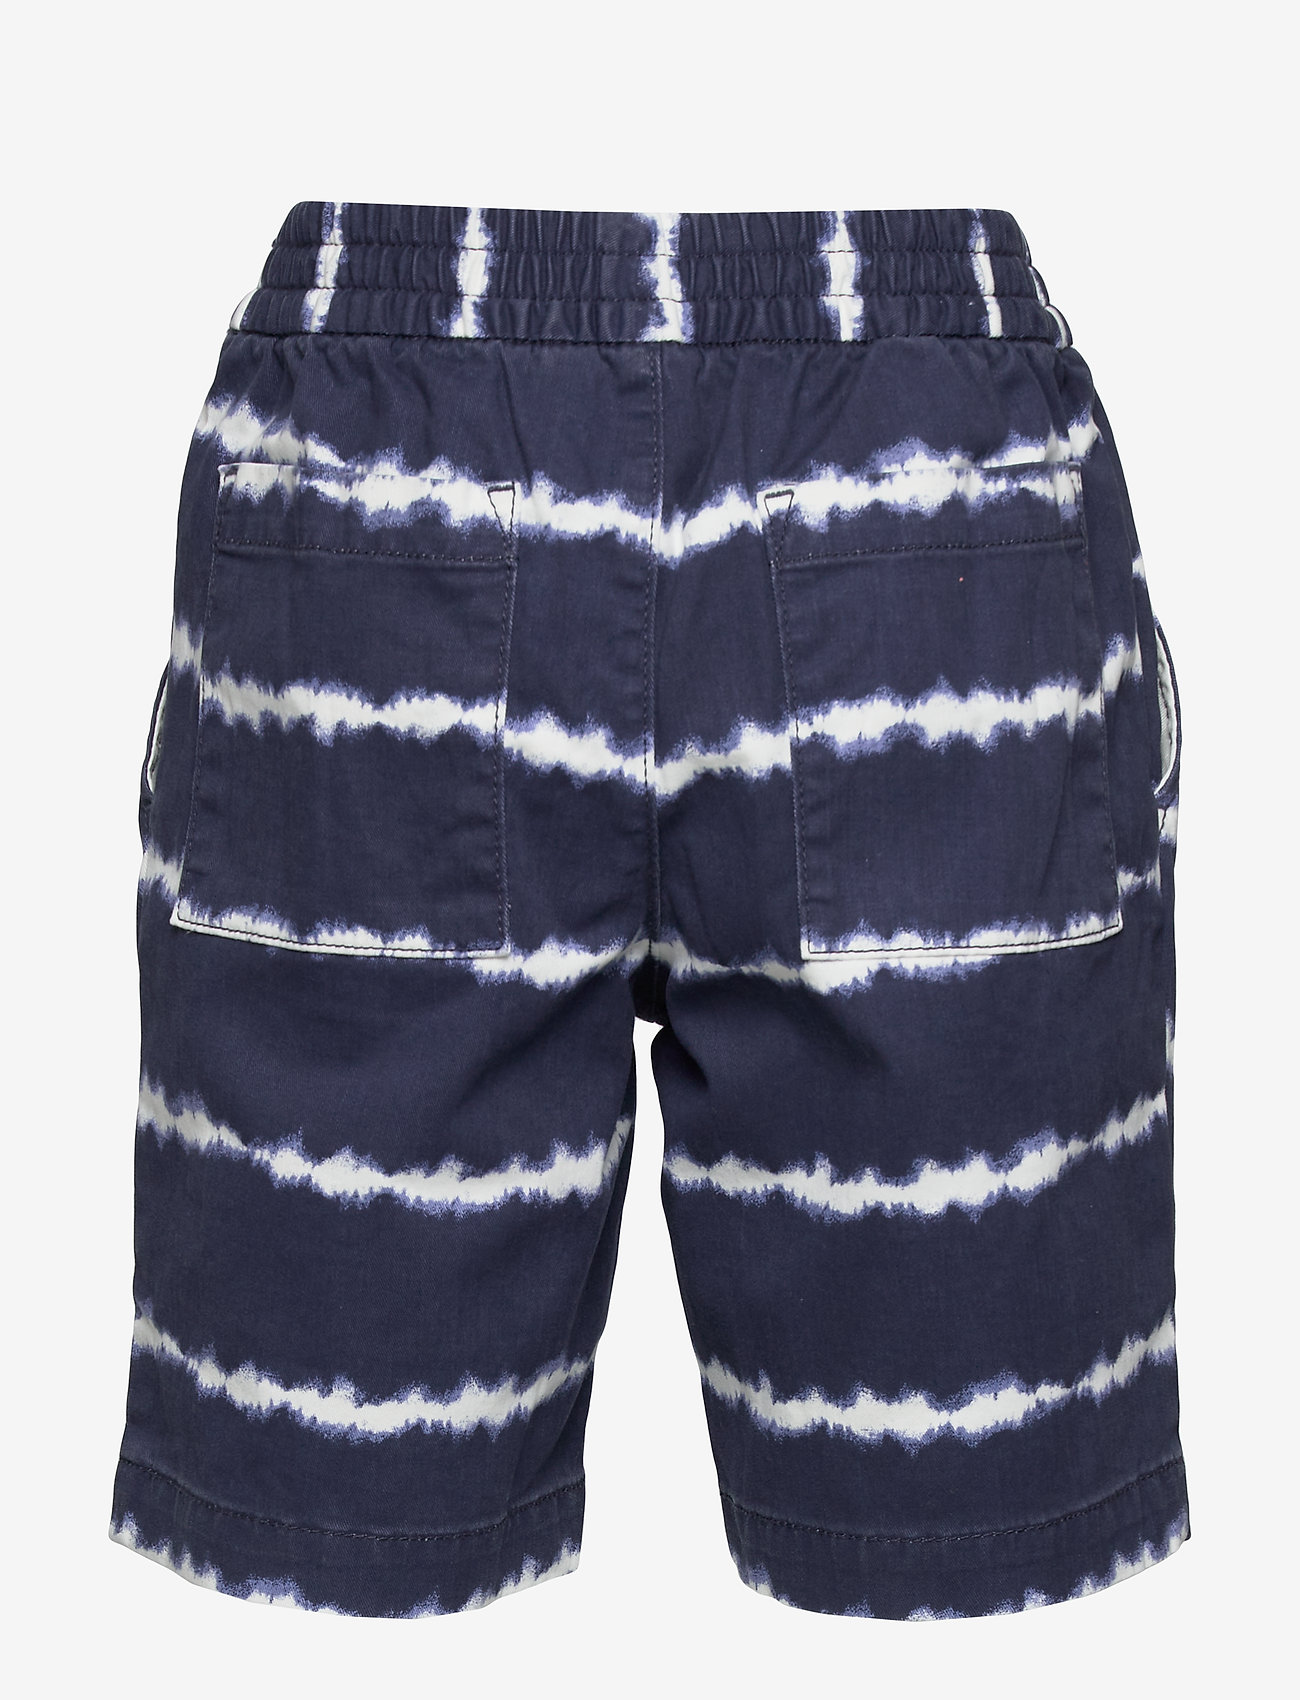 Kids Pull-on Easy Shorts With Stretch (Indigo Tye Dye Tapnavy) (18.85 €) - GAP lpYXP